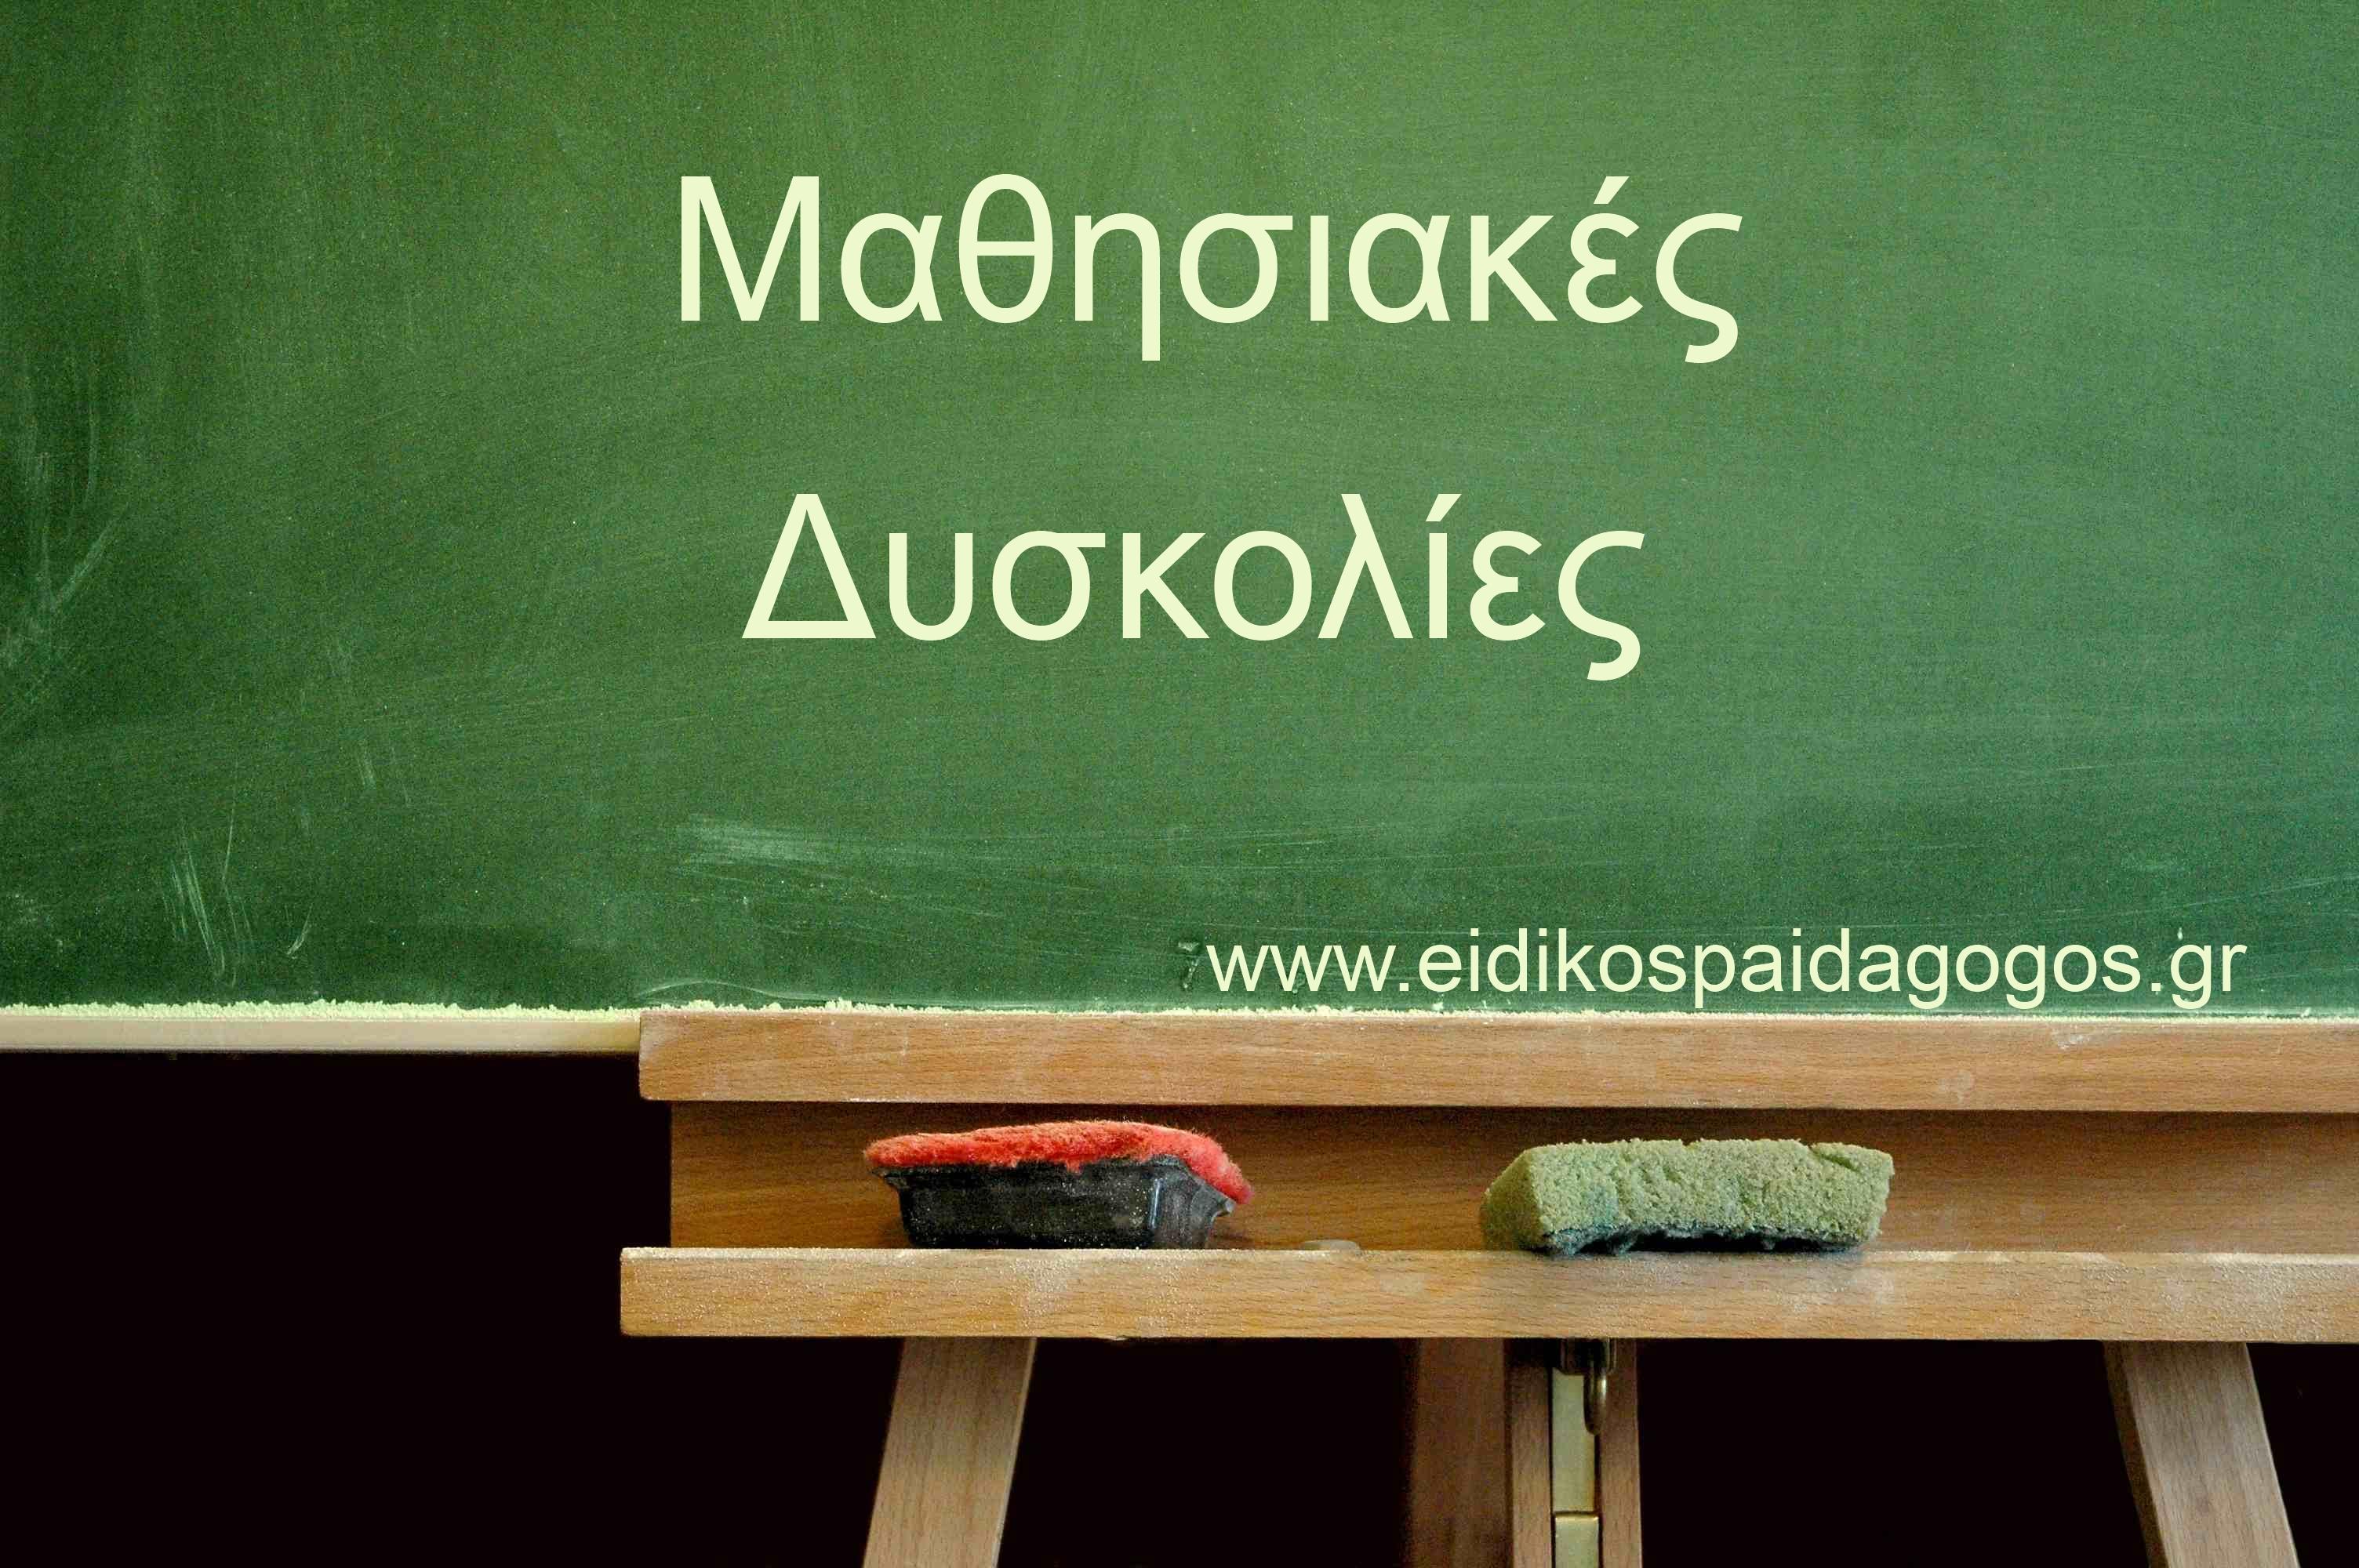 Τεχνικές Διαχείρισης Μαθητών με Μαθησιακές Δυσκολίες